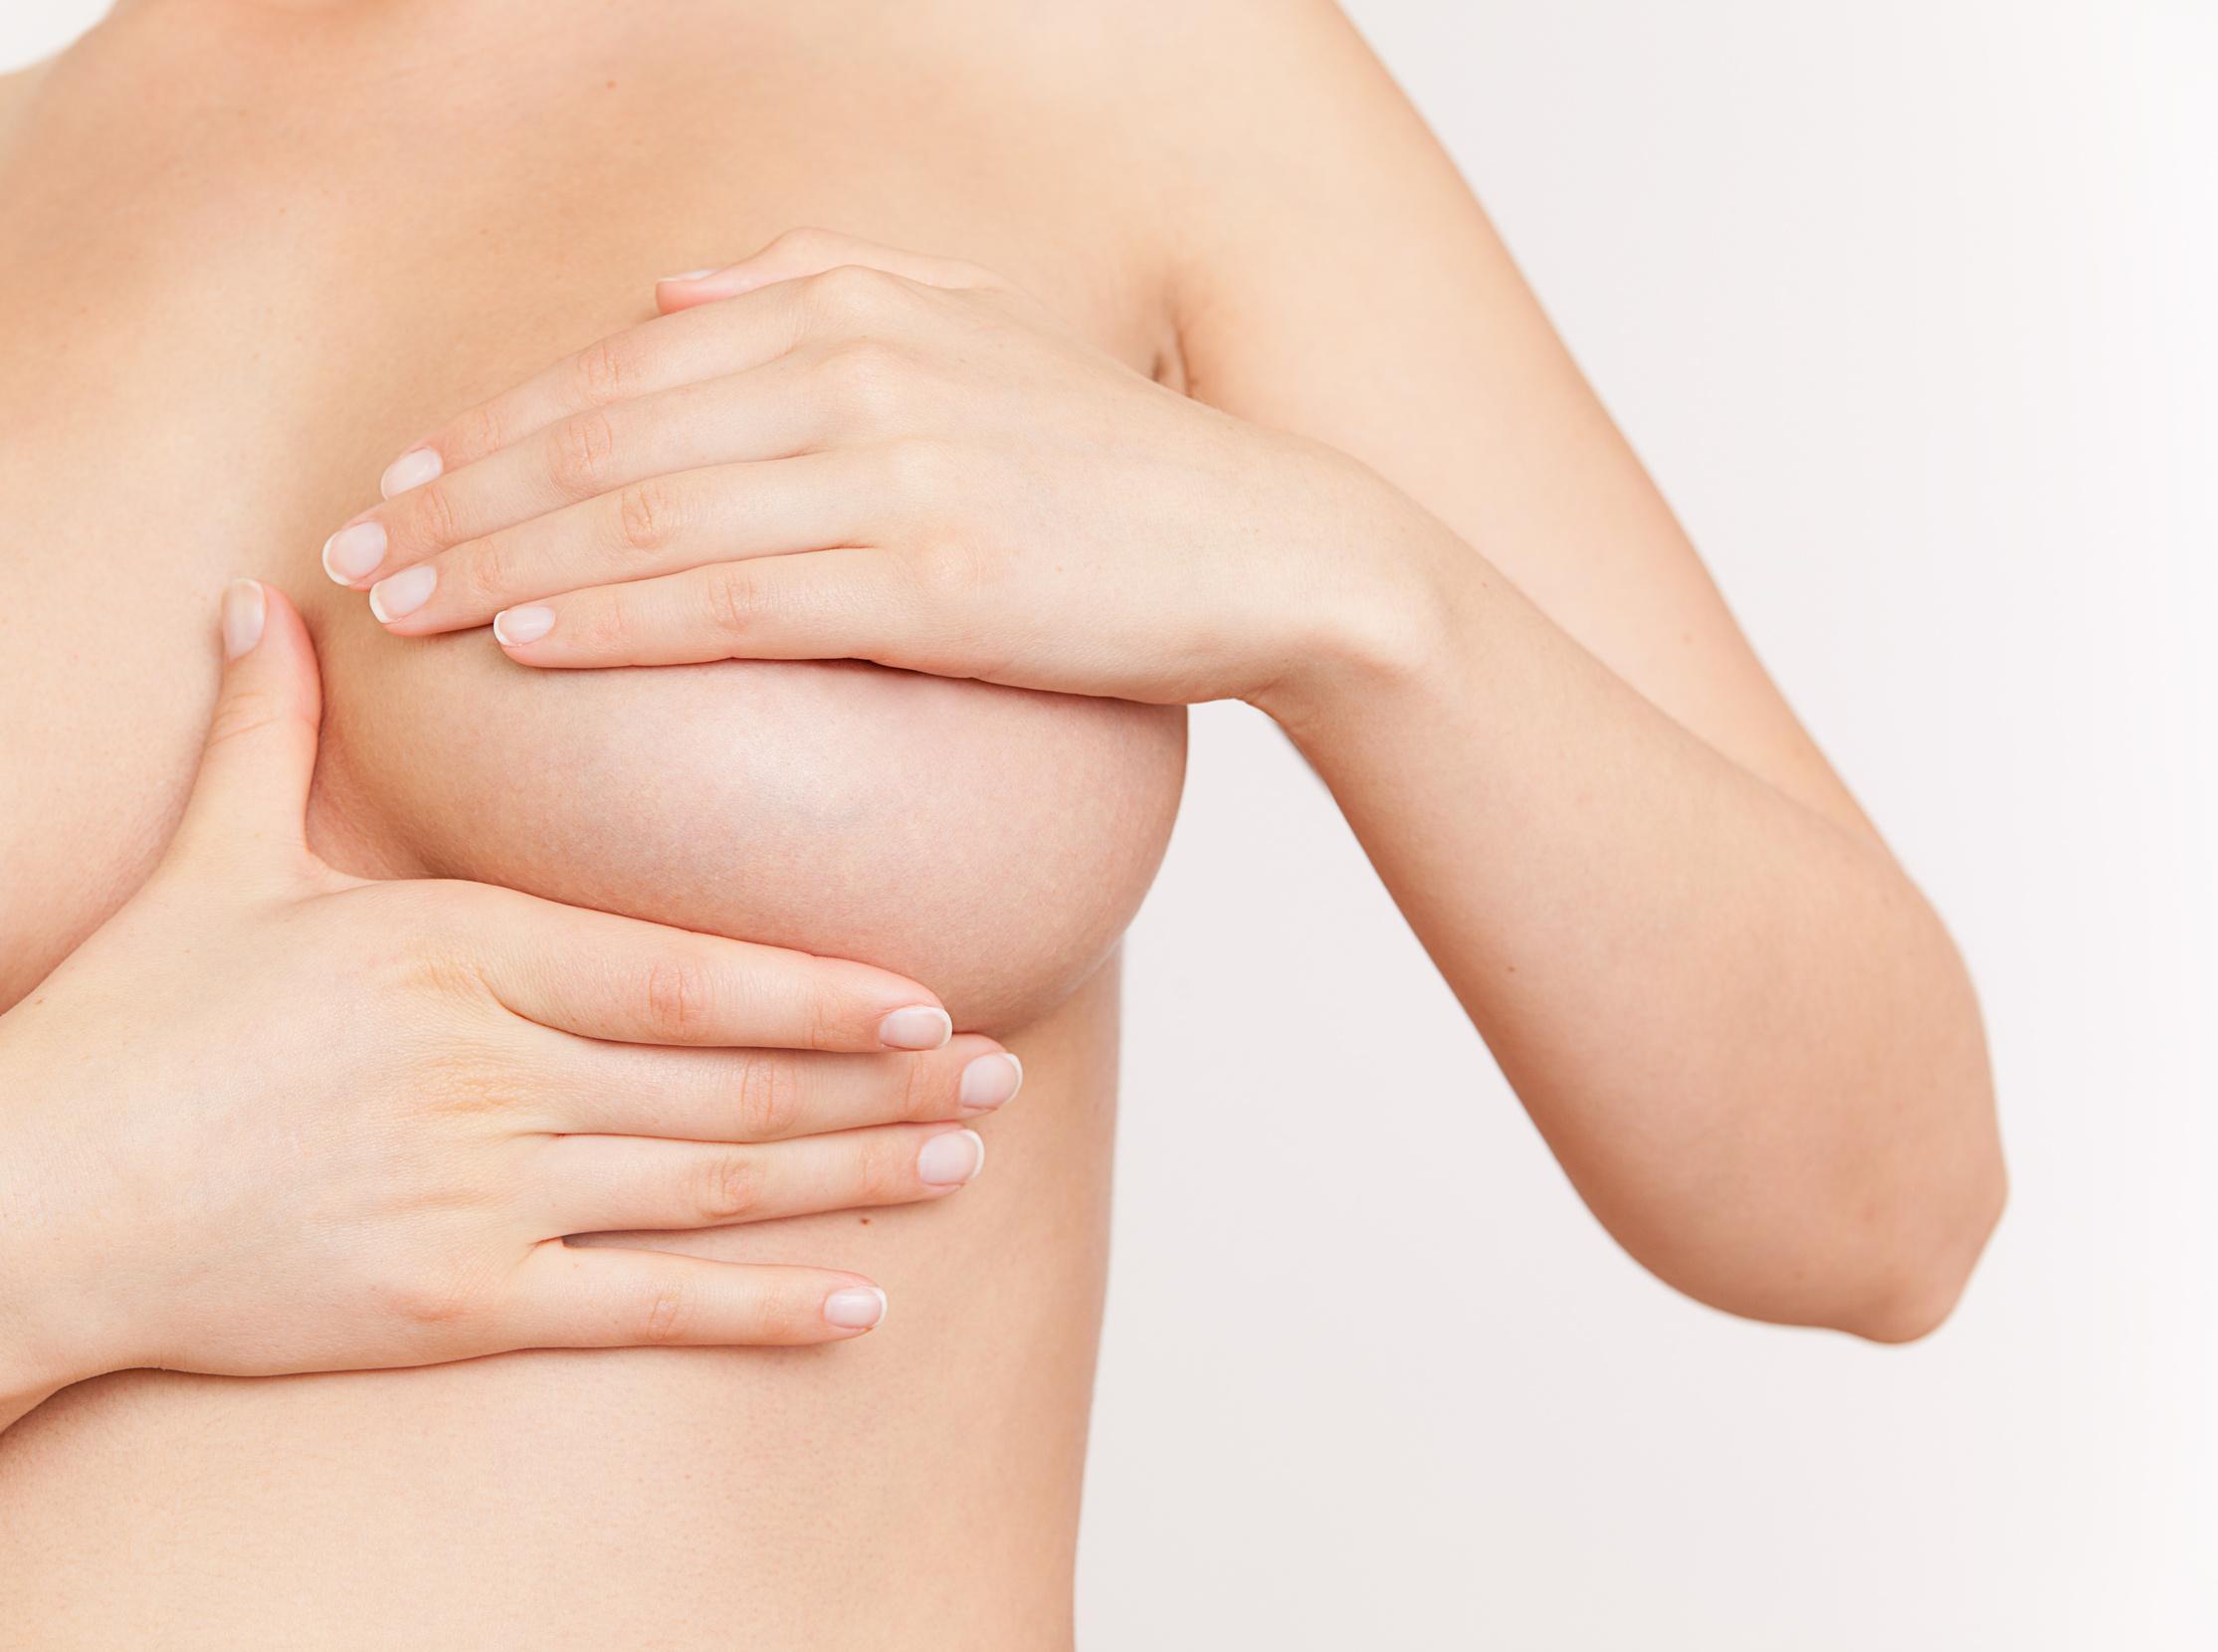 knoten in der brust biopsie